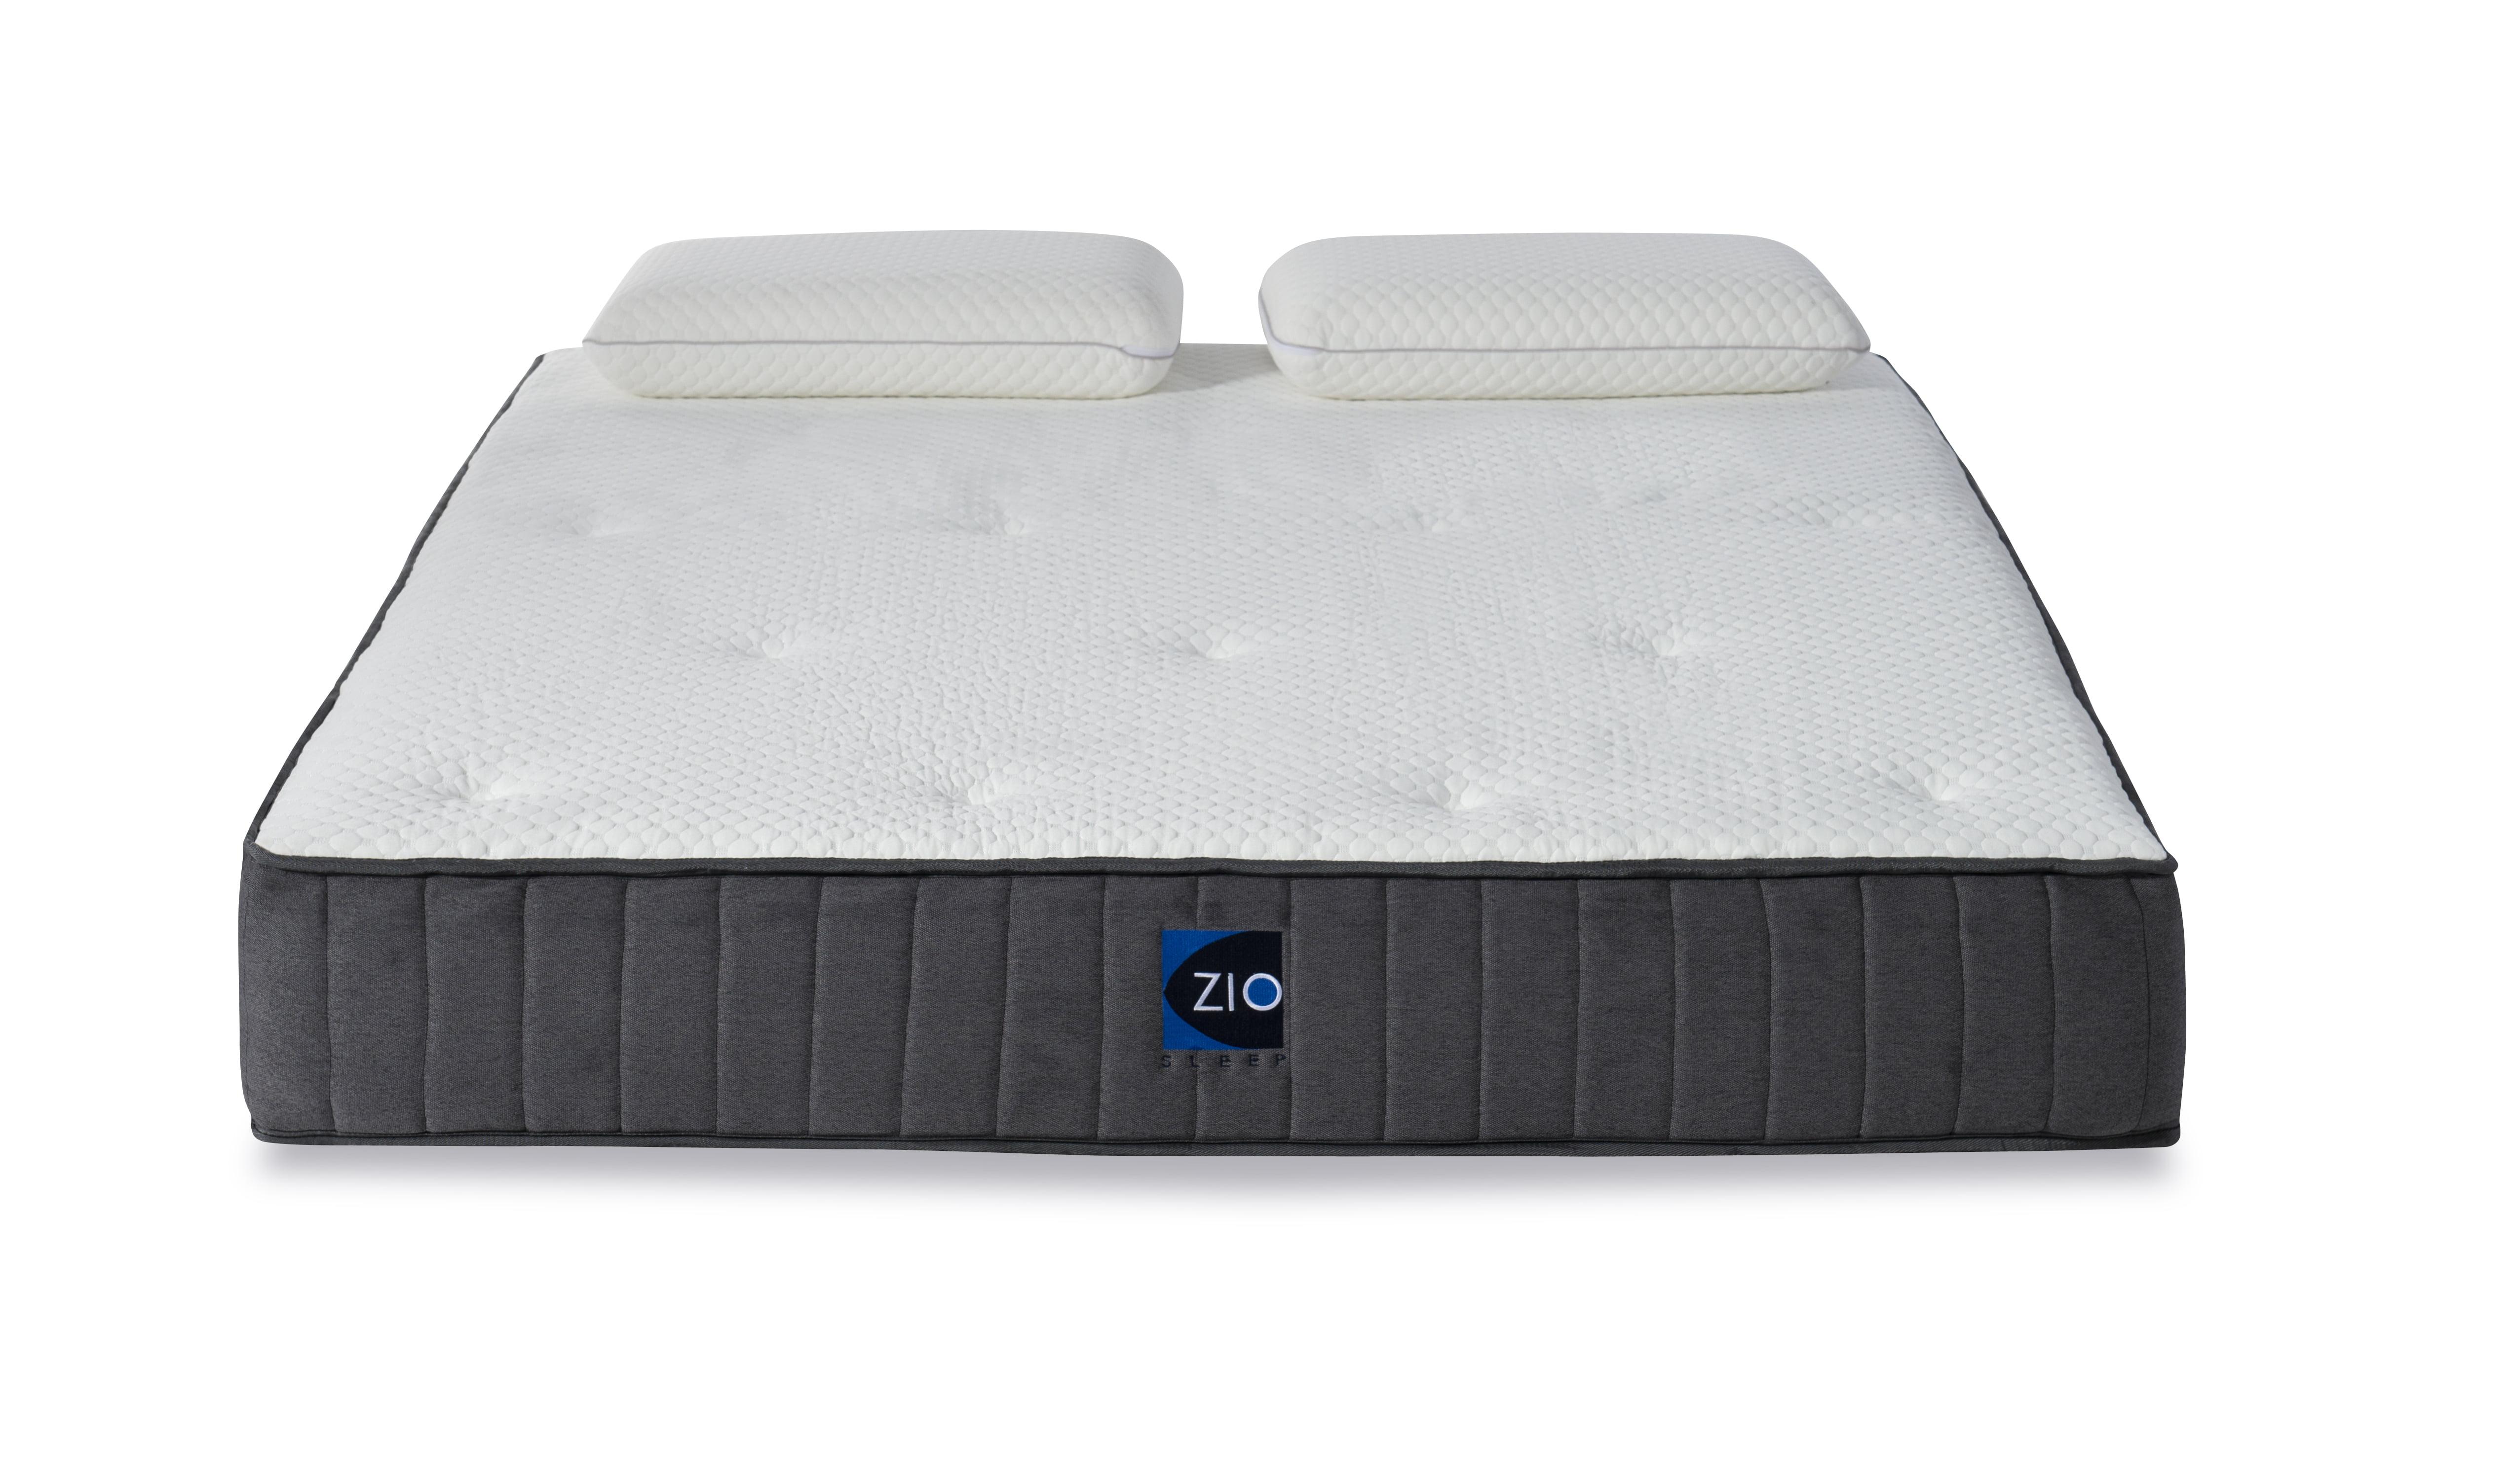 Zio Sleep 10 Inch Queen Gel Infused Memory Foam Mattress